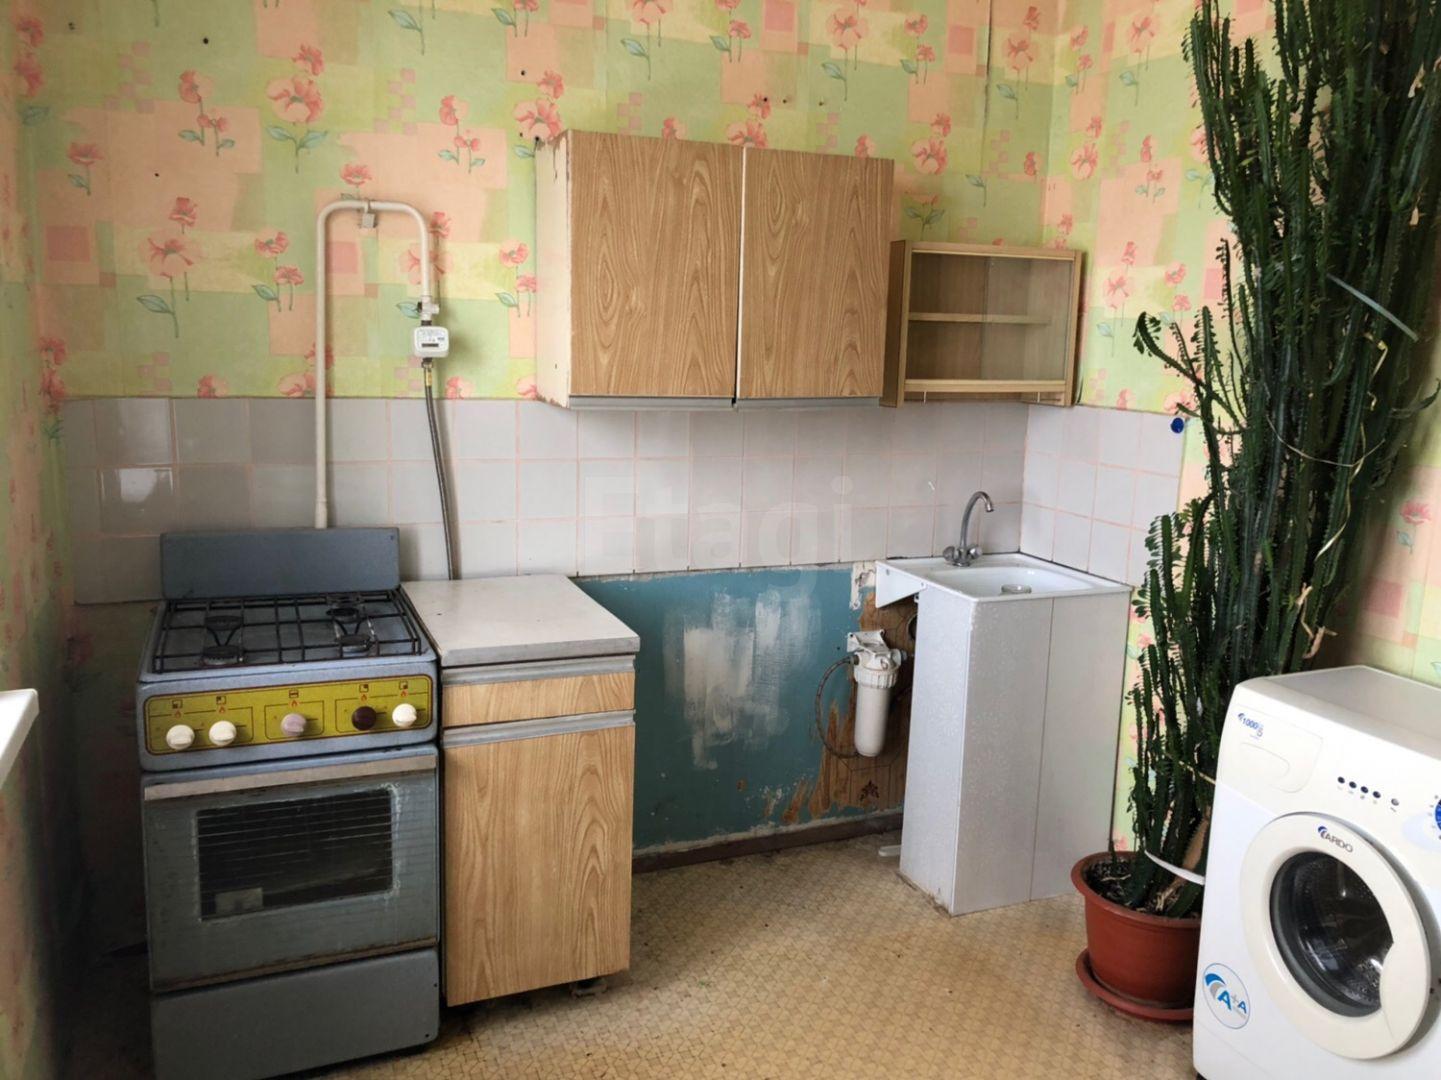 Муром, Владимирская, 40, 1-к. квартира на продажу